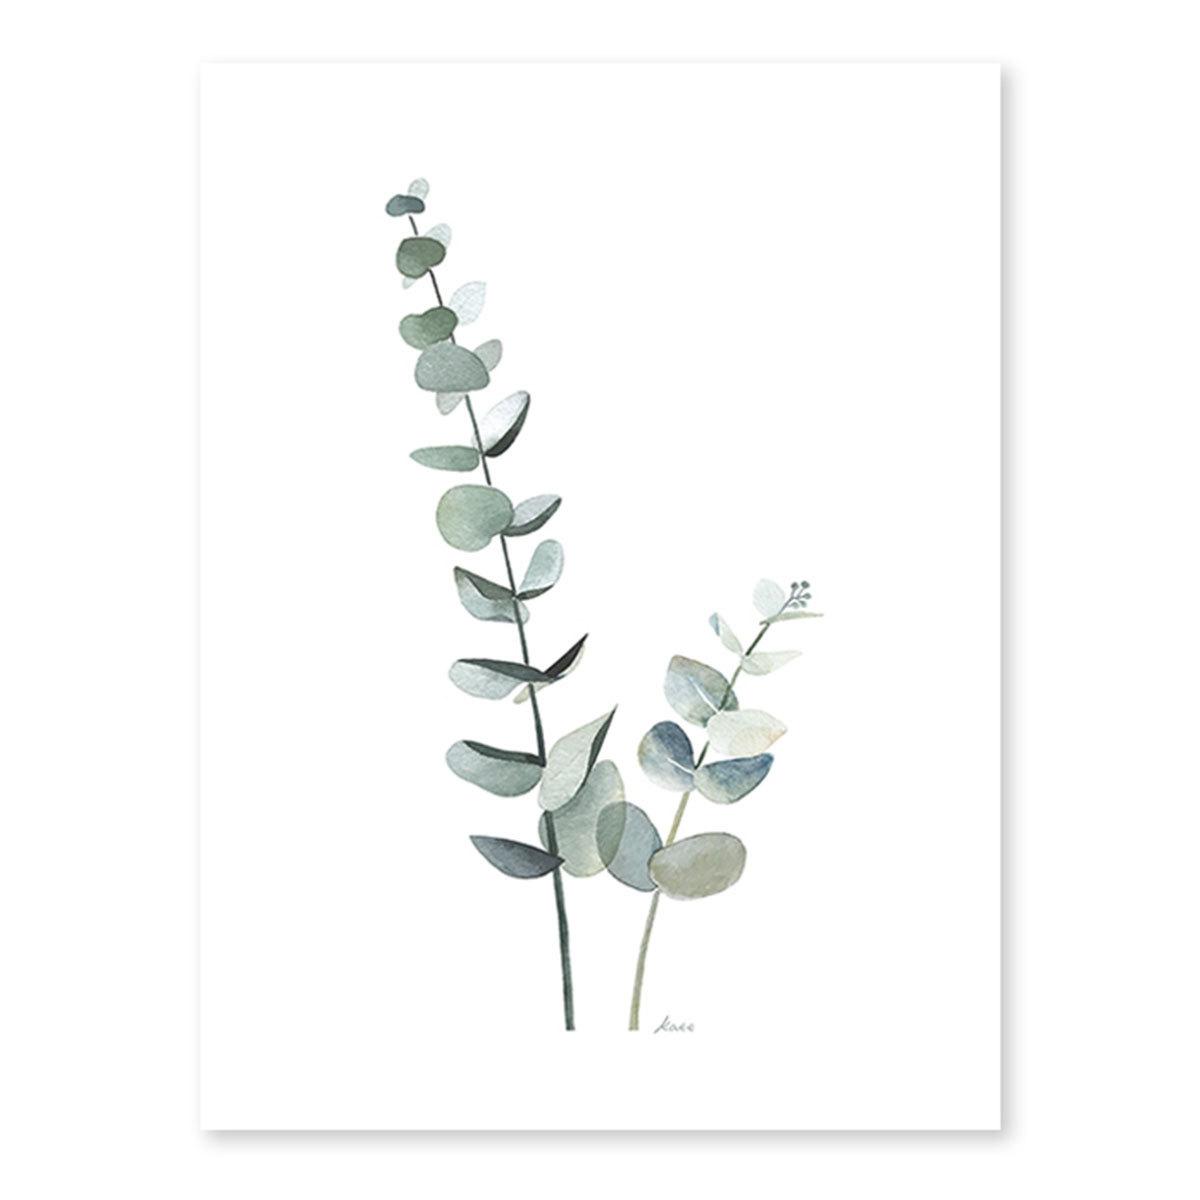 Affiche & poster Affiche Eucalyptus